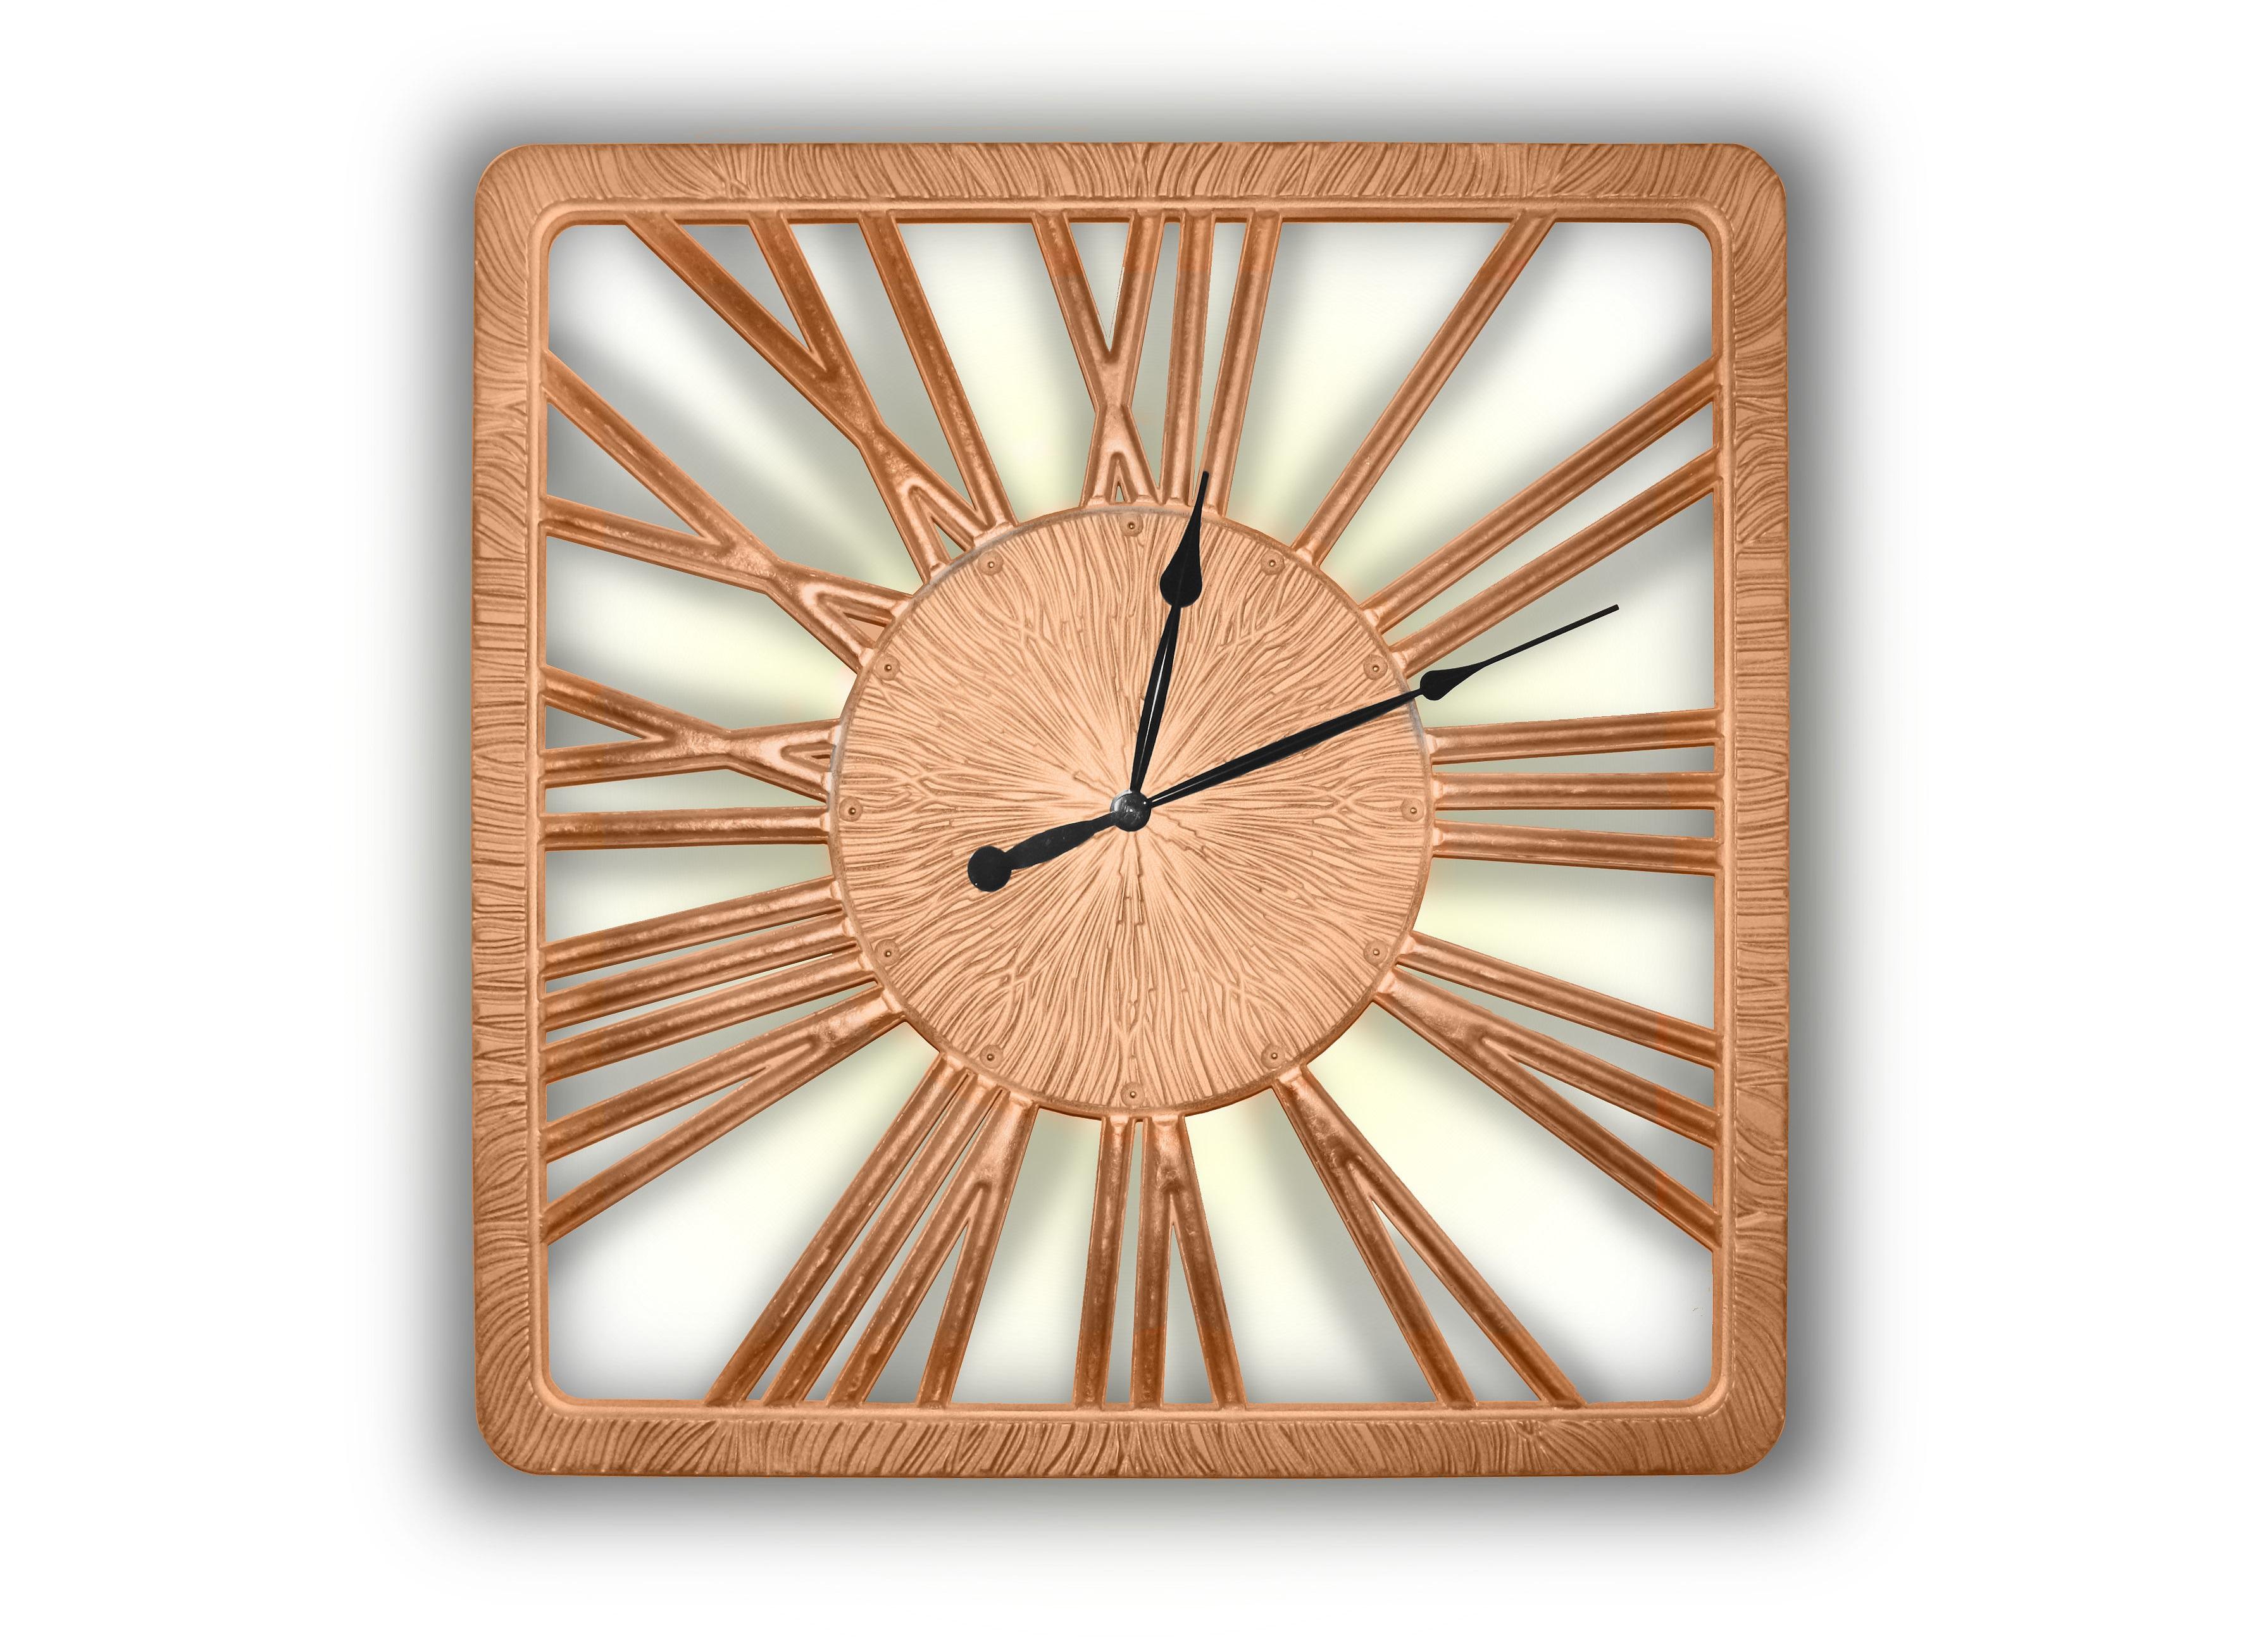 Часы TWINKLE NEWНастенные часы<br>Бег времени непрерывен. Можно ли ощутить, как одна минута переходит в другую? <br>Можно ли предсказать, что открывают нам движущиеся по кругу стрелки часов? <br>Светящиеся прорезные силуэты цифр помогают понять, что лучшее еще впереди. <br>Данный вариант представлен в цвете матовая бронза с покрытыми поталью цифрами.&amp;lt;div&amp;gt;&amp;lt;br&amp;gt;&amp;lt;/div&amp;gt;&amp;lt;div&amp;gt;Тип механизма:&amp;amp;nbsp;кварцевый&amp;lt;/div&amp;gt;<br><br>Material: Дерево<br>Length см: None<br>Width см: 90<br>Depth см: 0.8<br>Height см: 90<br>Diameter см: None